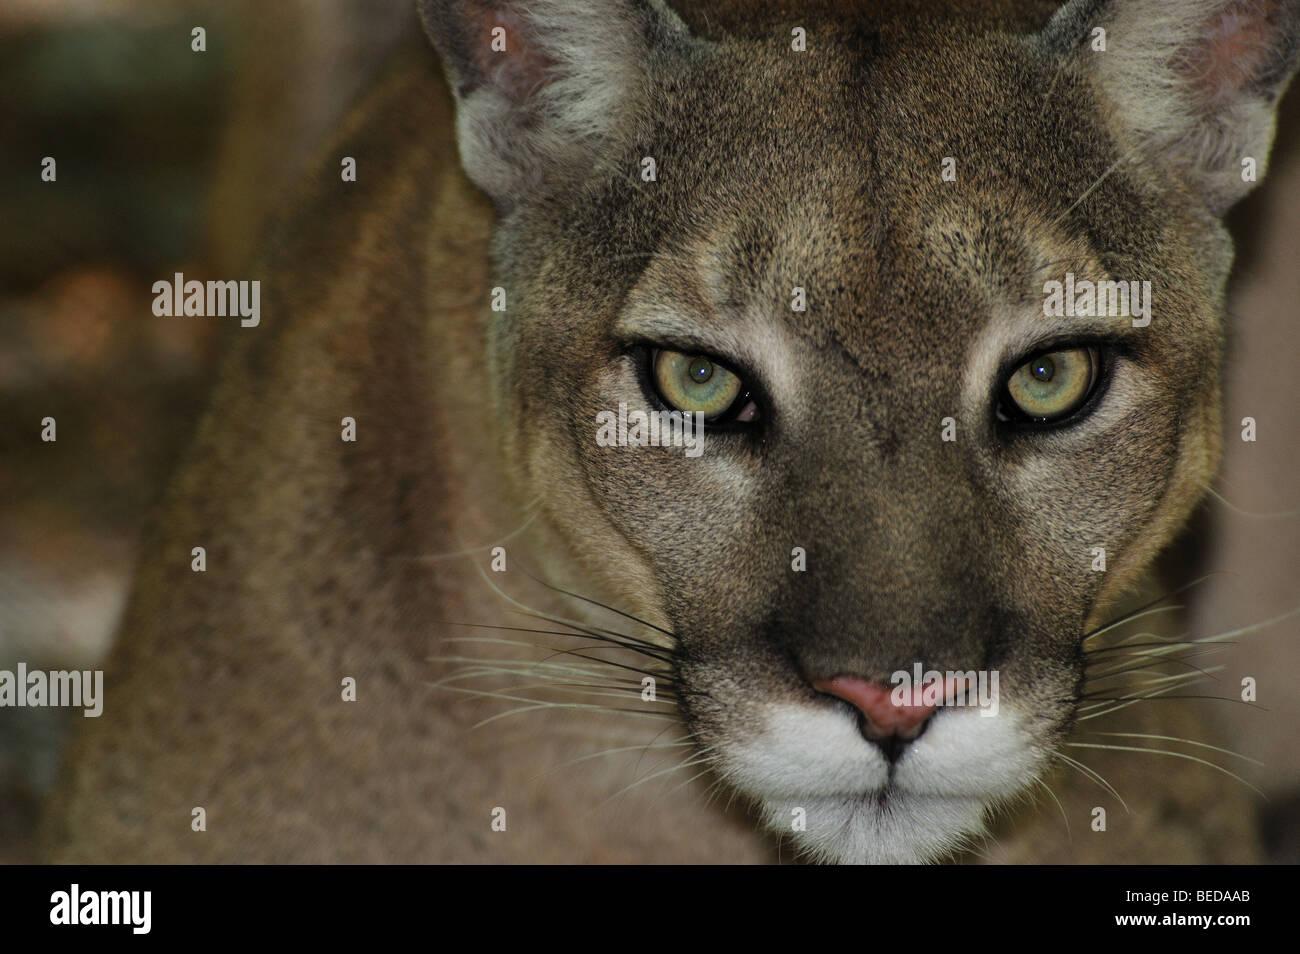 Florida panther, Puma concolor coryi, Florida, captive - Stock Image